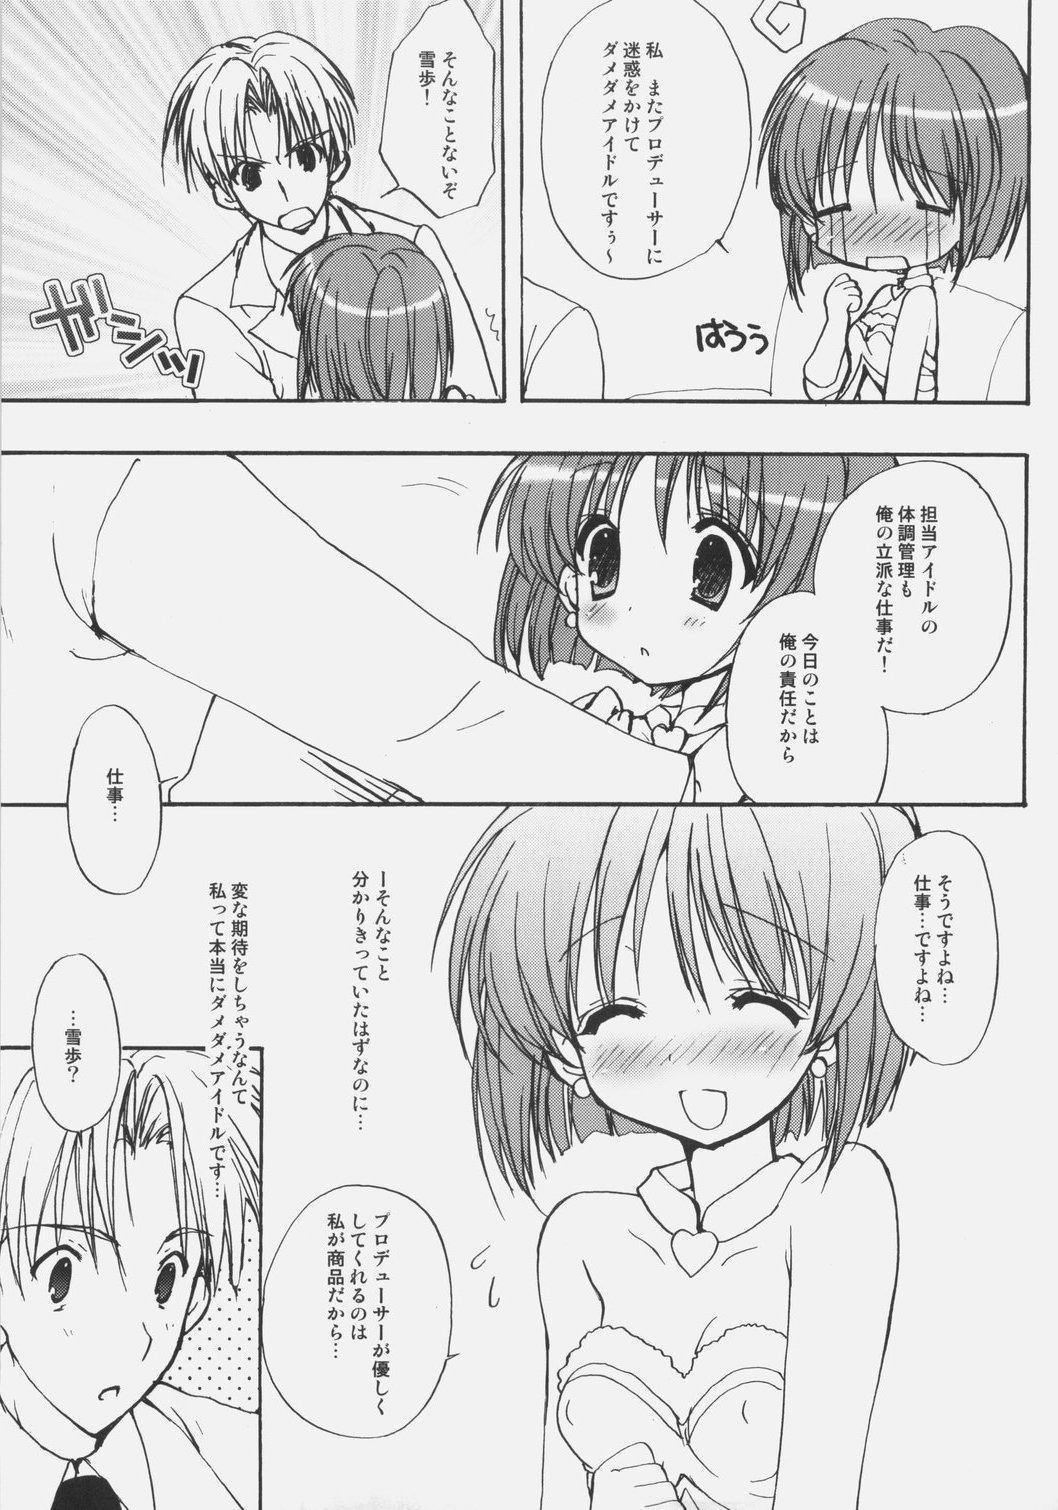 Koiiro Kansen 7